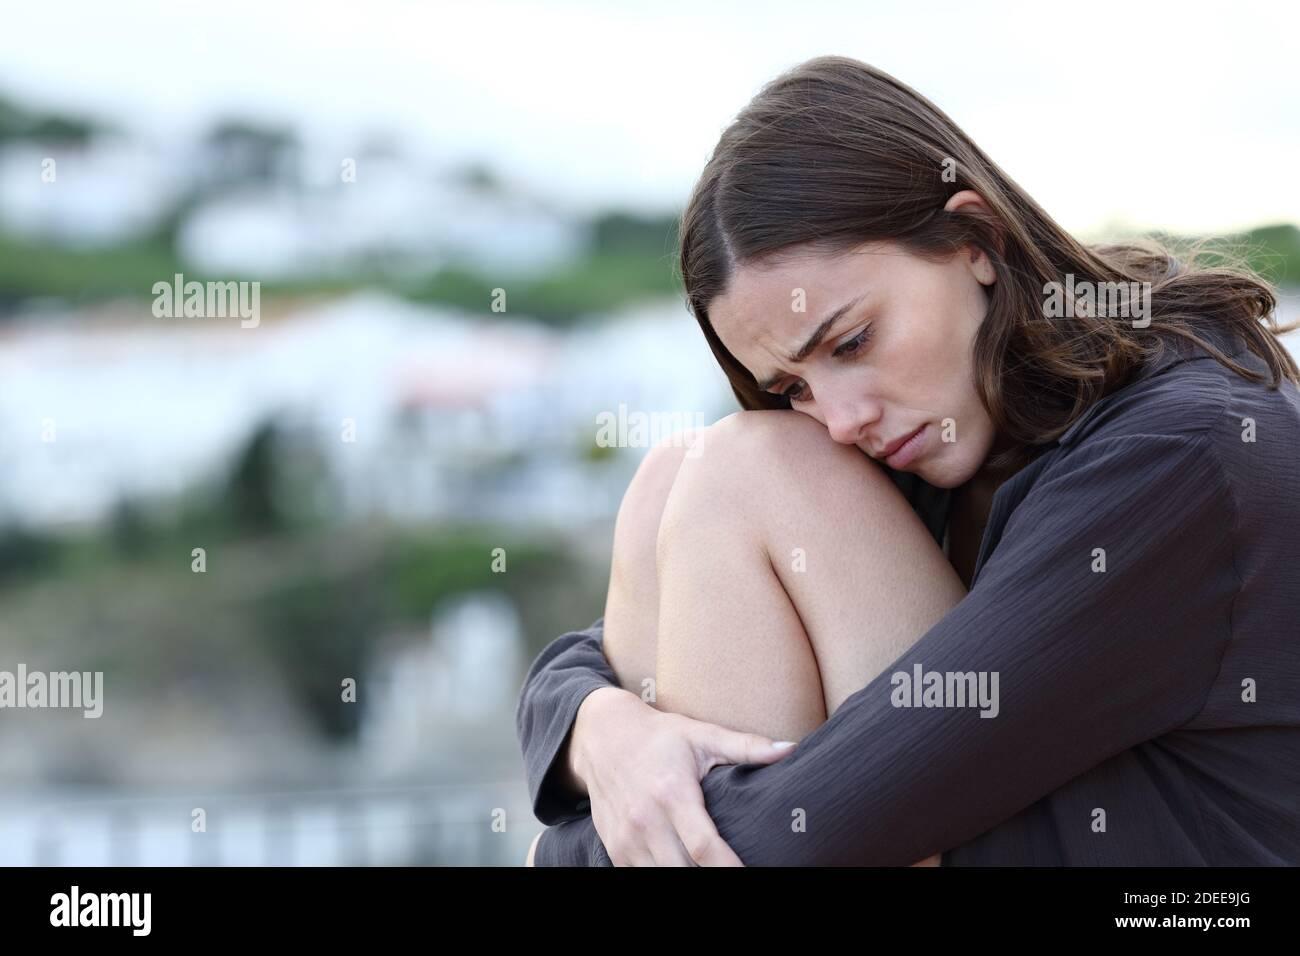 Triste adolescent assis seul se plaignant dans une ville côtière Banque D'Images